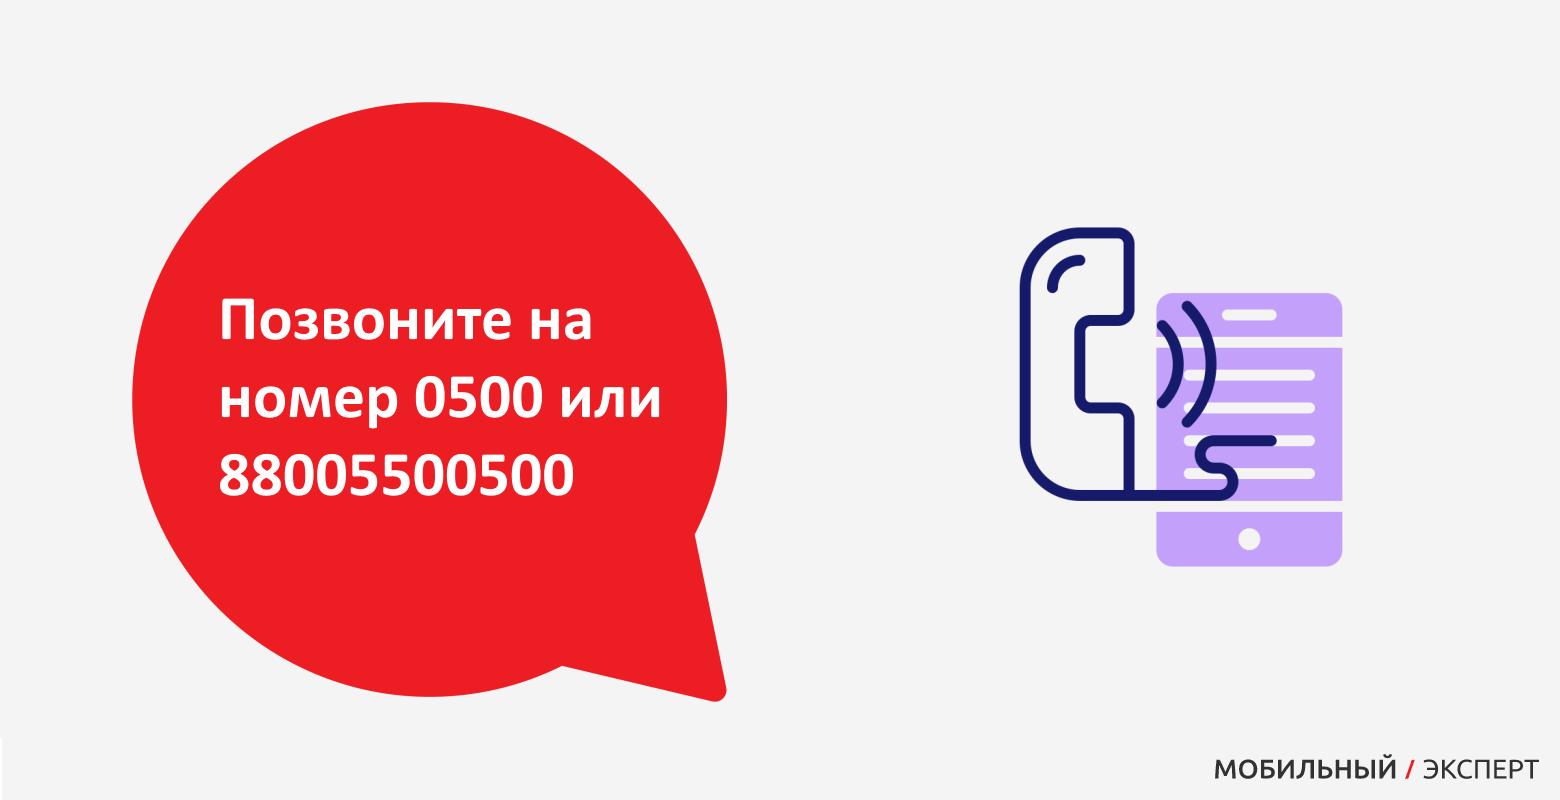 Позвоните на номер 0500 или 88005500500